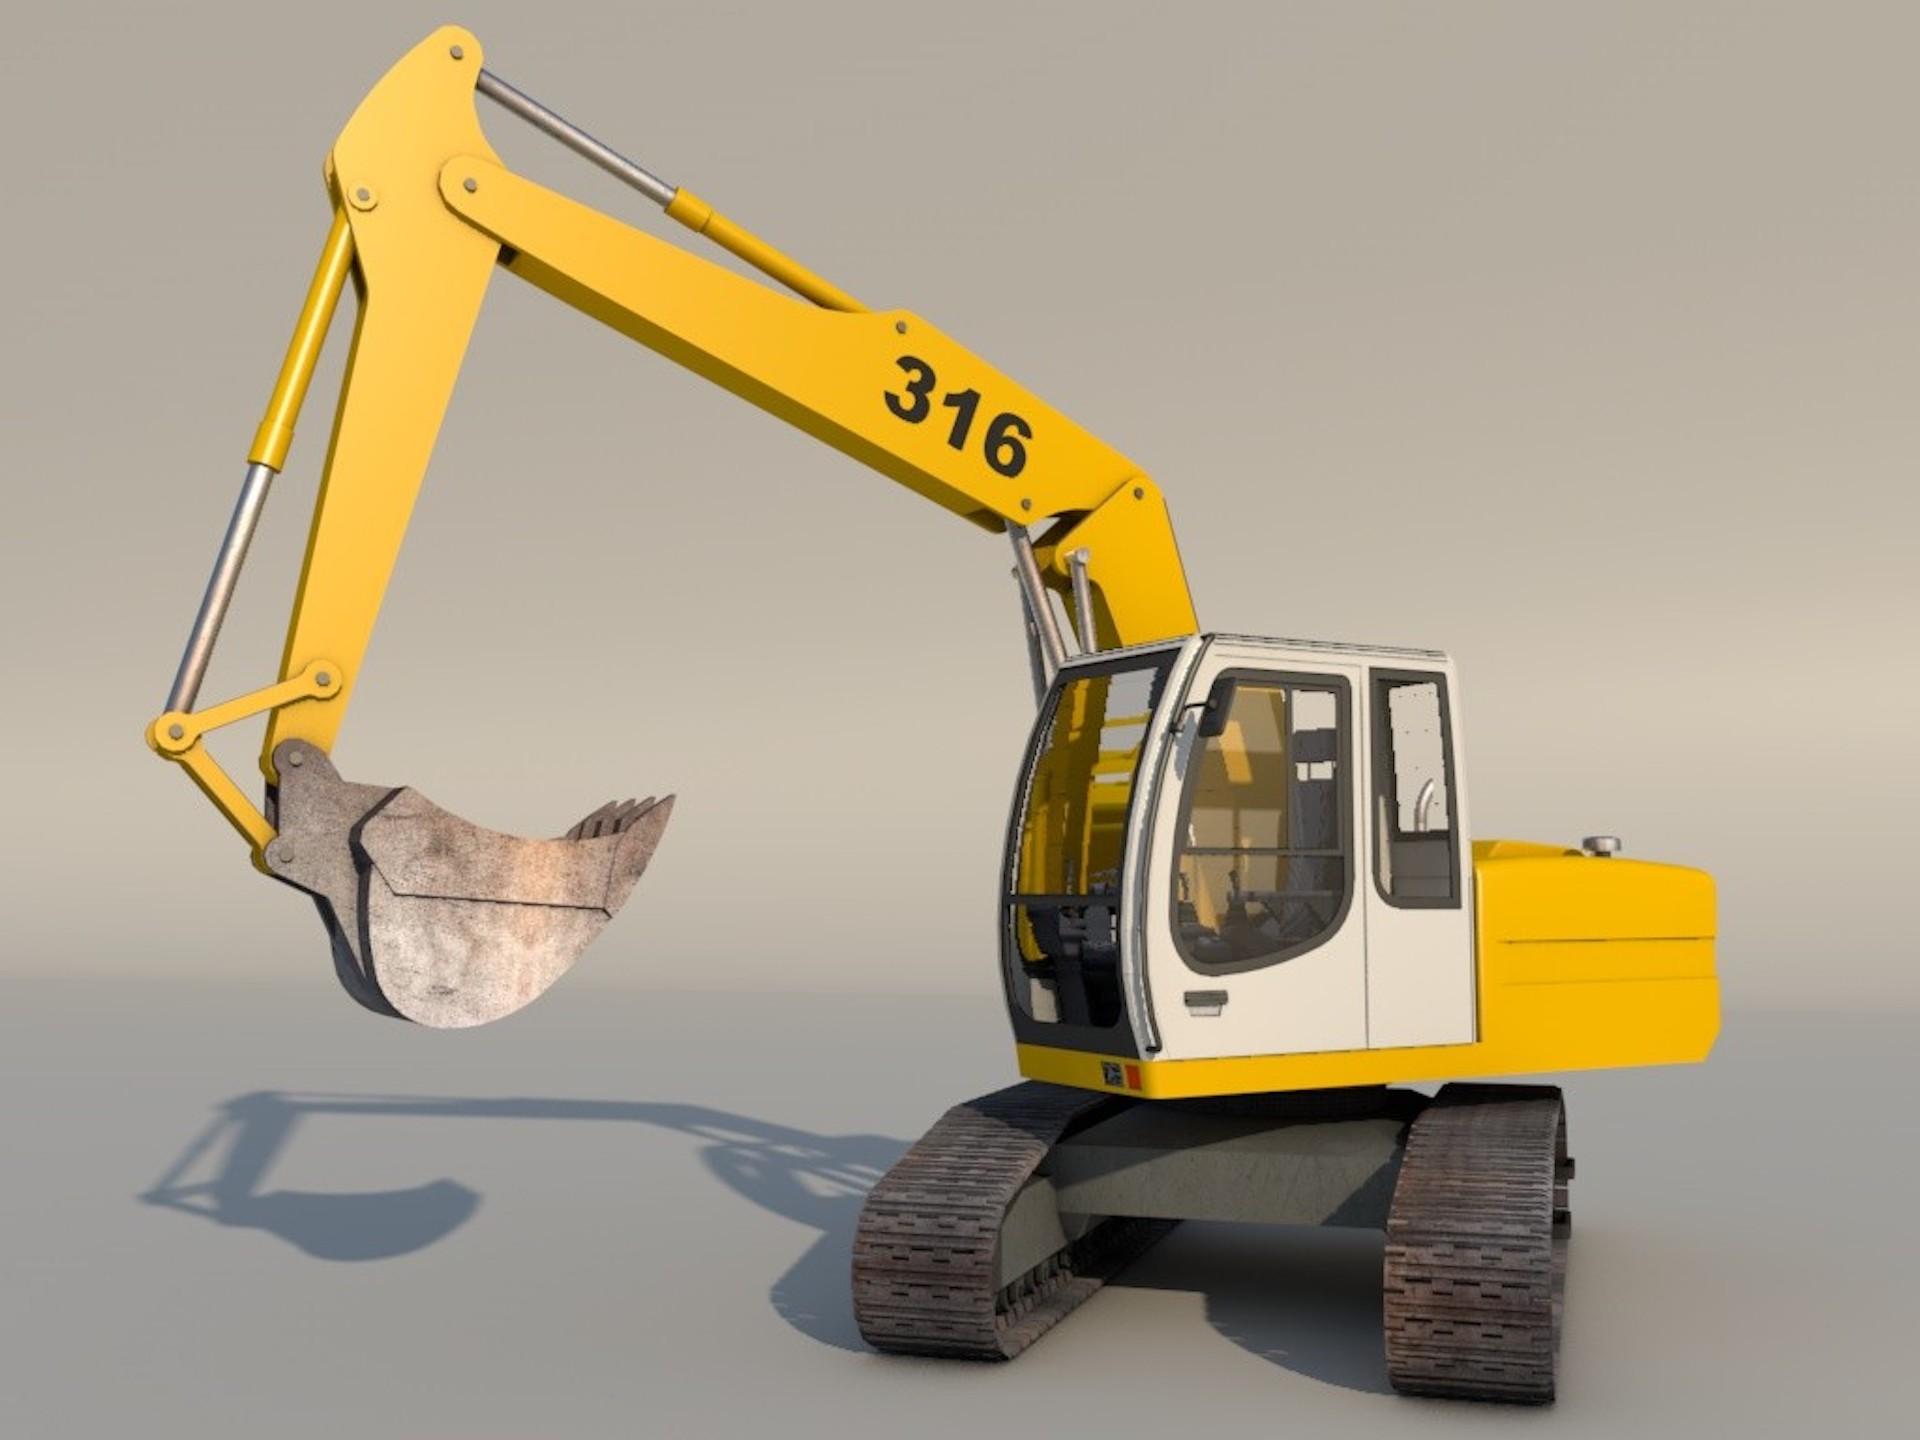 Escavatore Xpresso Modelli Download C4dzone